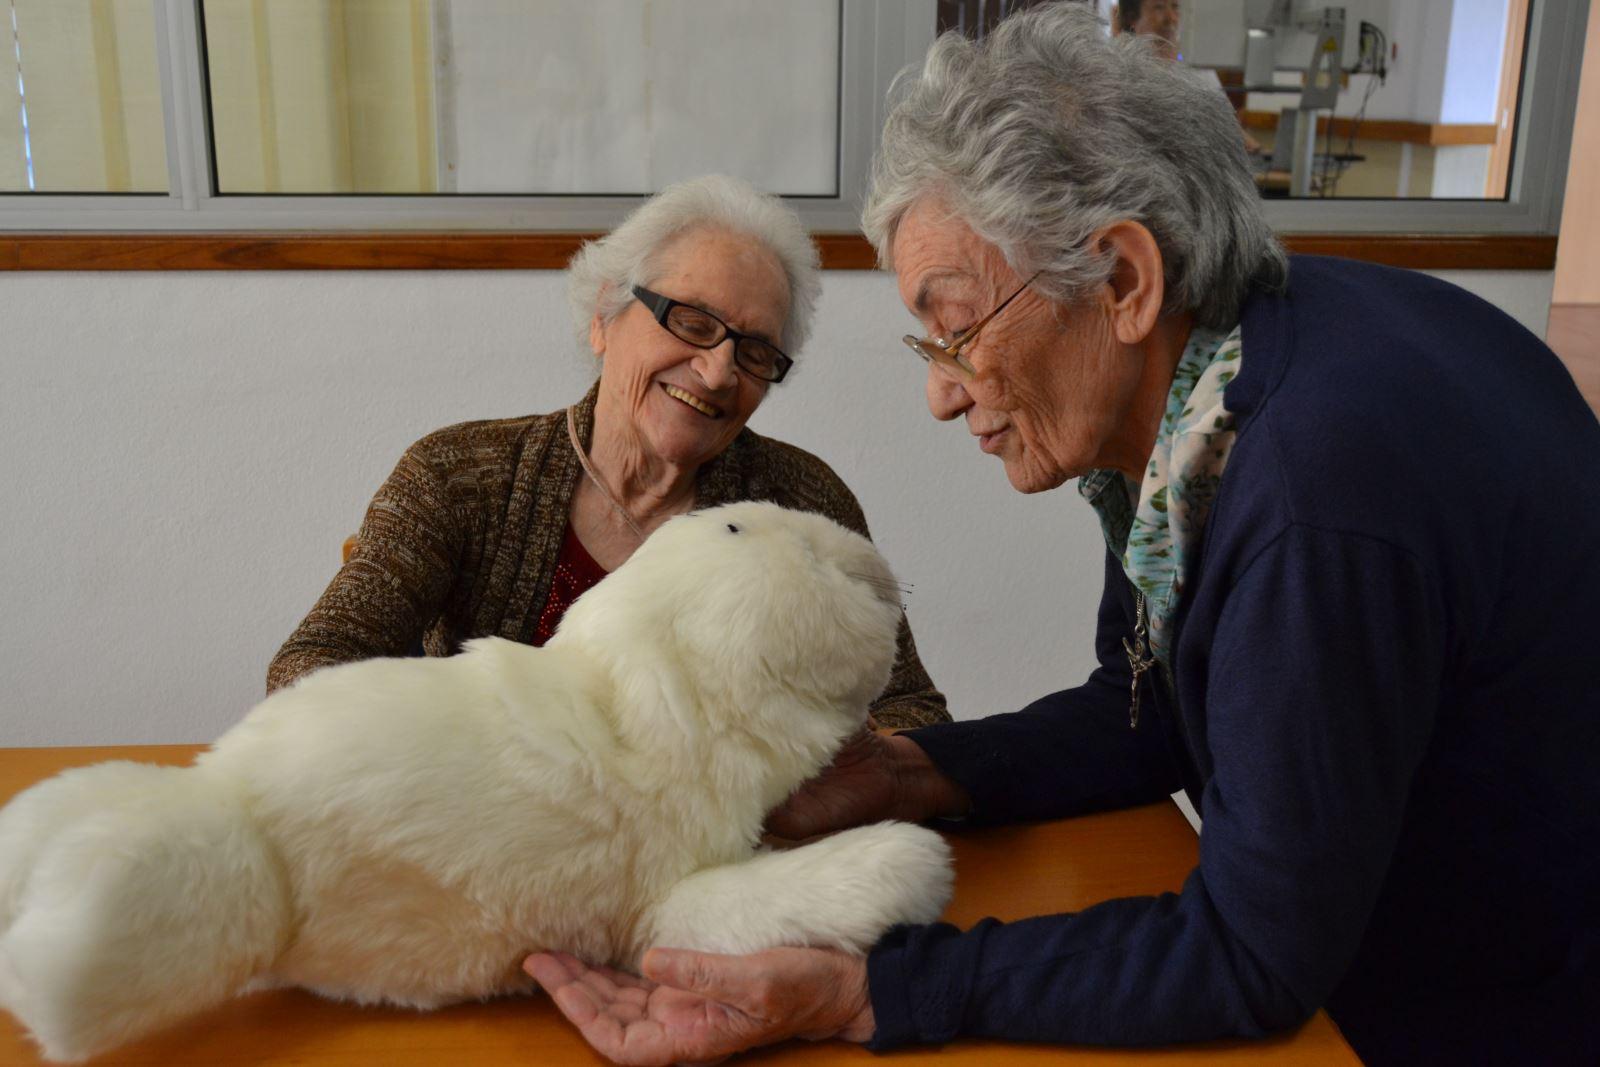 Pombal | Robô terapêutico para ajudar idosos com demências